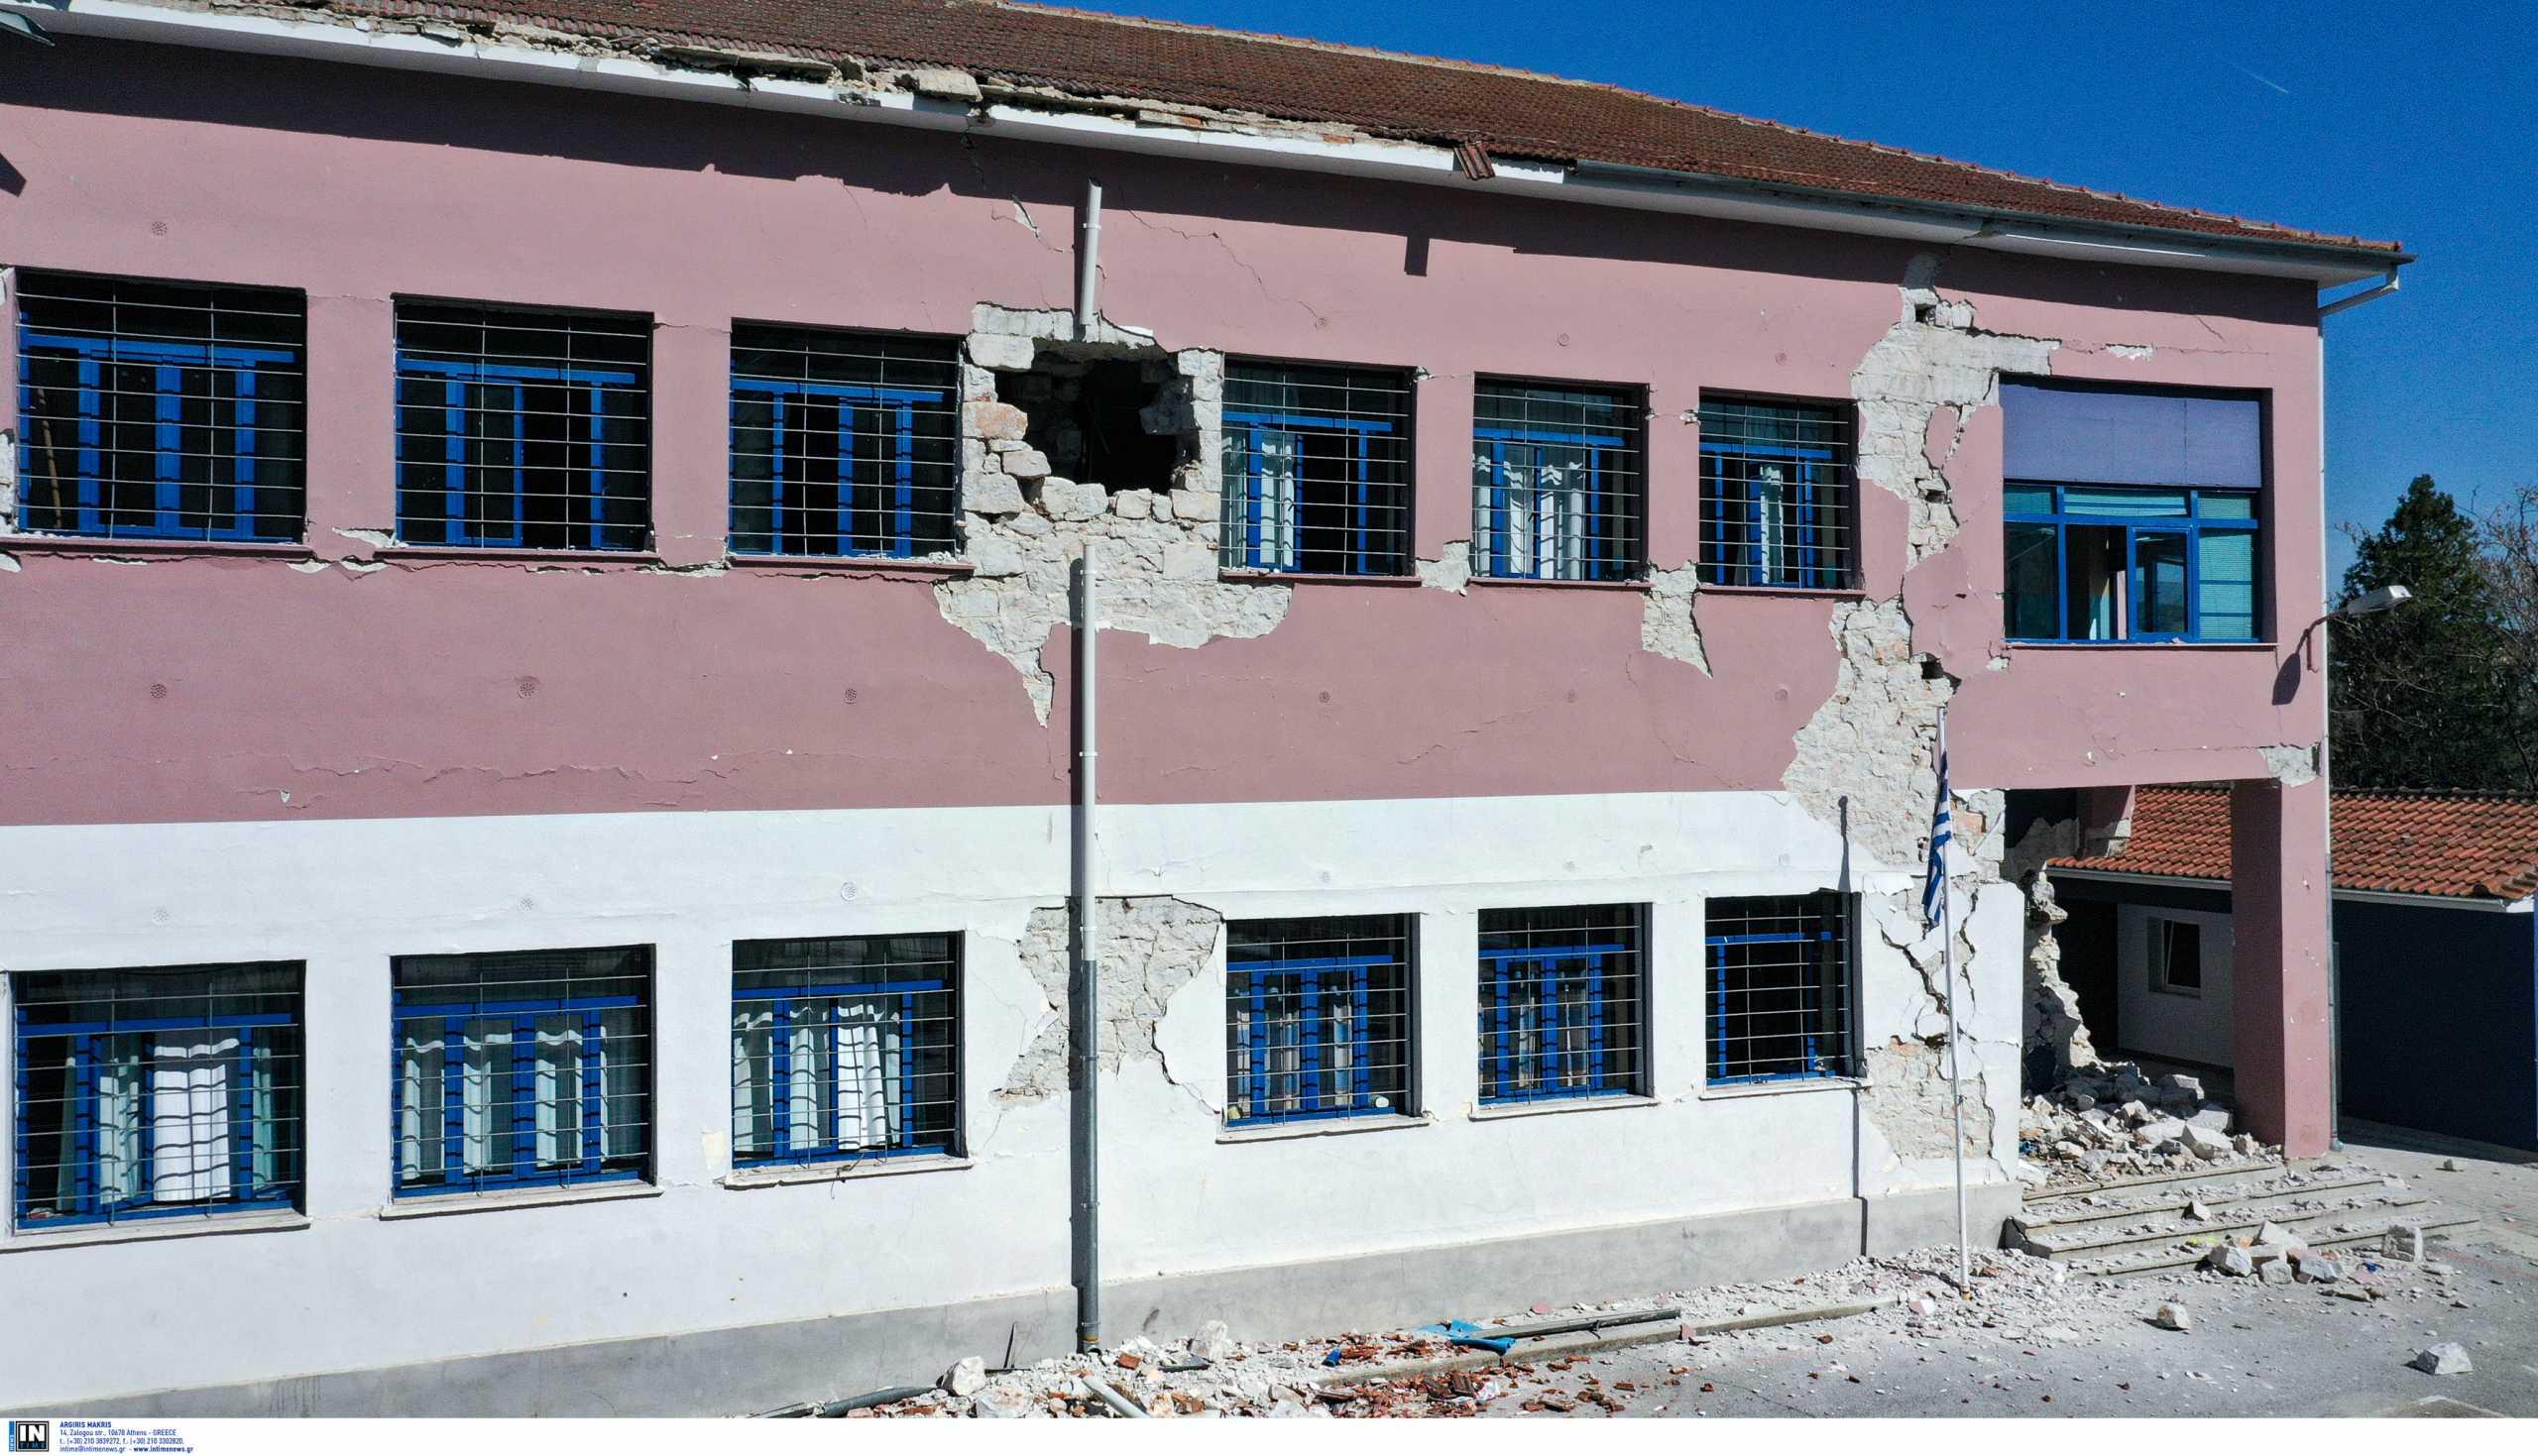 Σεισμός: Οι αντισεισμικοί κανονισμοί έσωσαν τα κτίρια στη Θεσσαλία